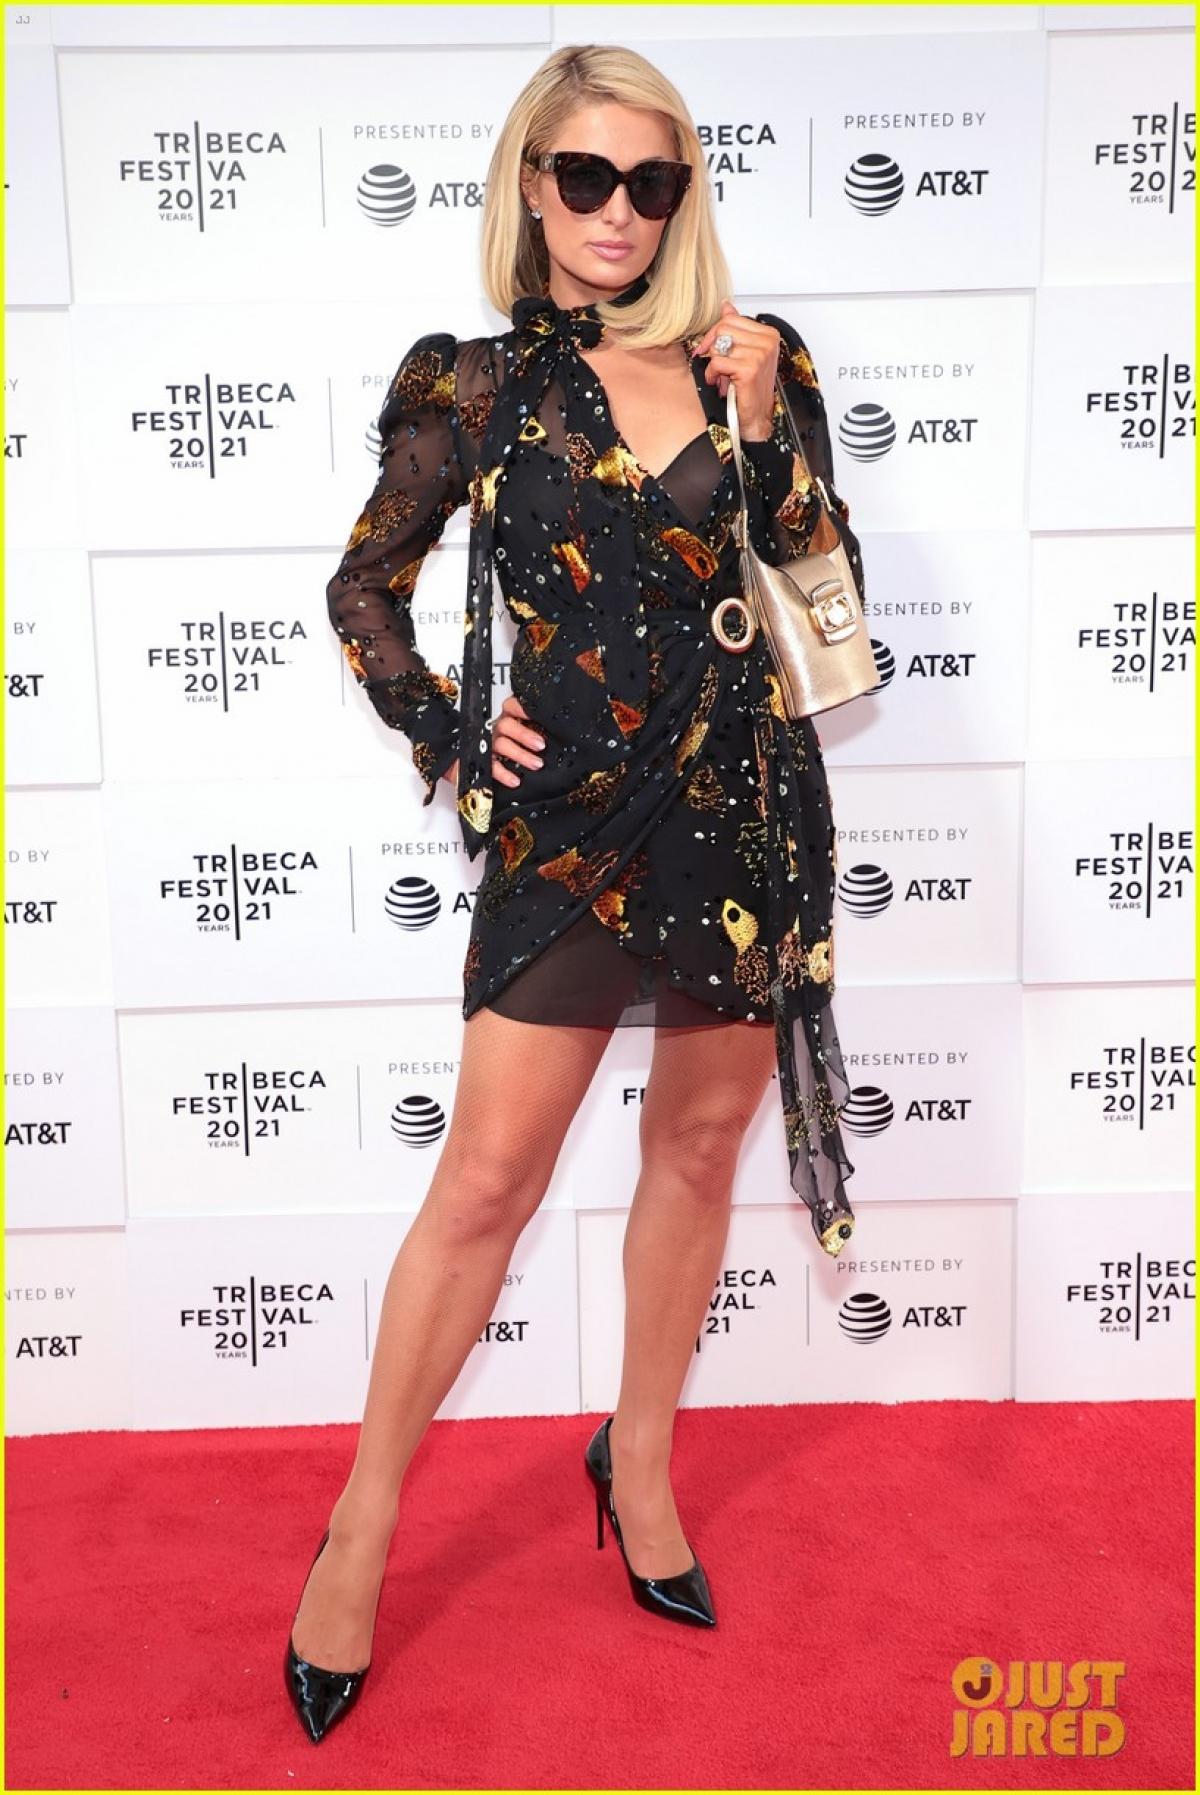 Carter Reum và Paris Hilton hẹn hò từ cuối năm 2019, chính thức xác nhận mối quan hệ vào tháng 2/2020. Vào tháng trước, Paris tiết lộ rằng cô đã đi thụ tinh trong ống nghiệm với bạn trai để có con./.